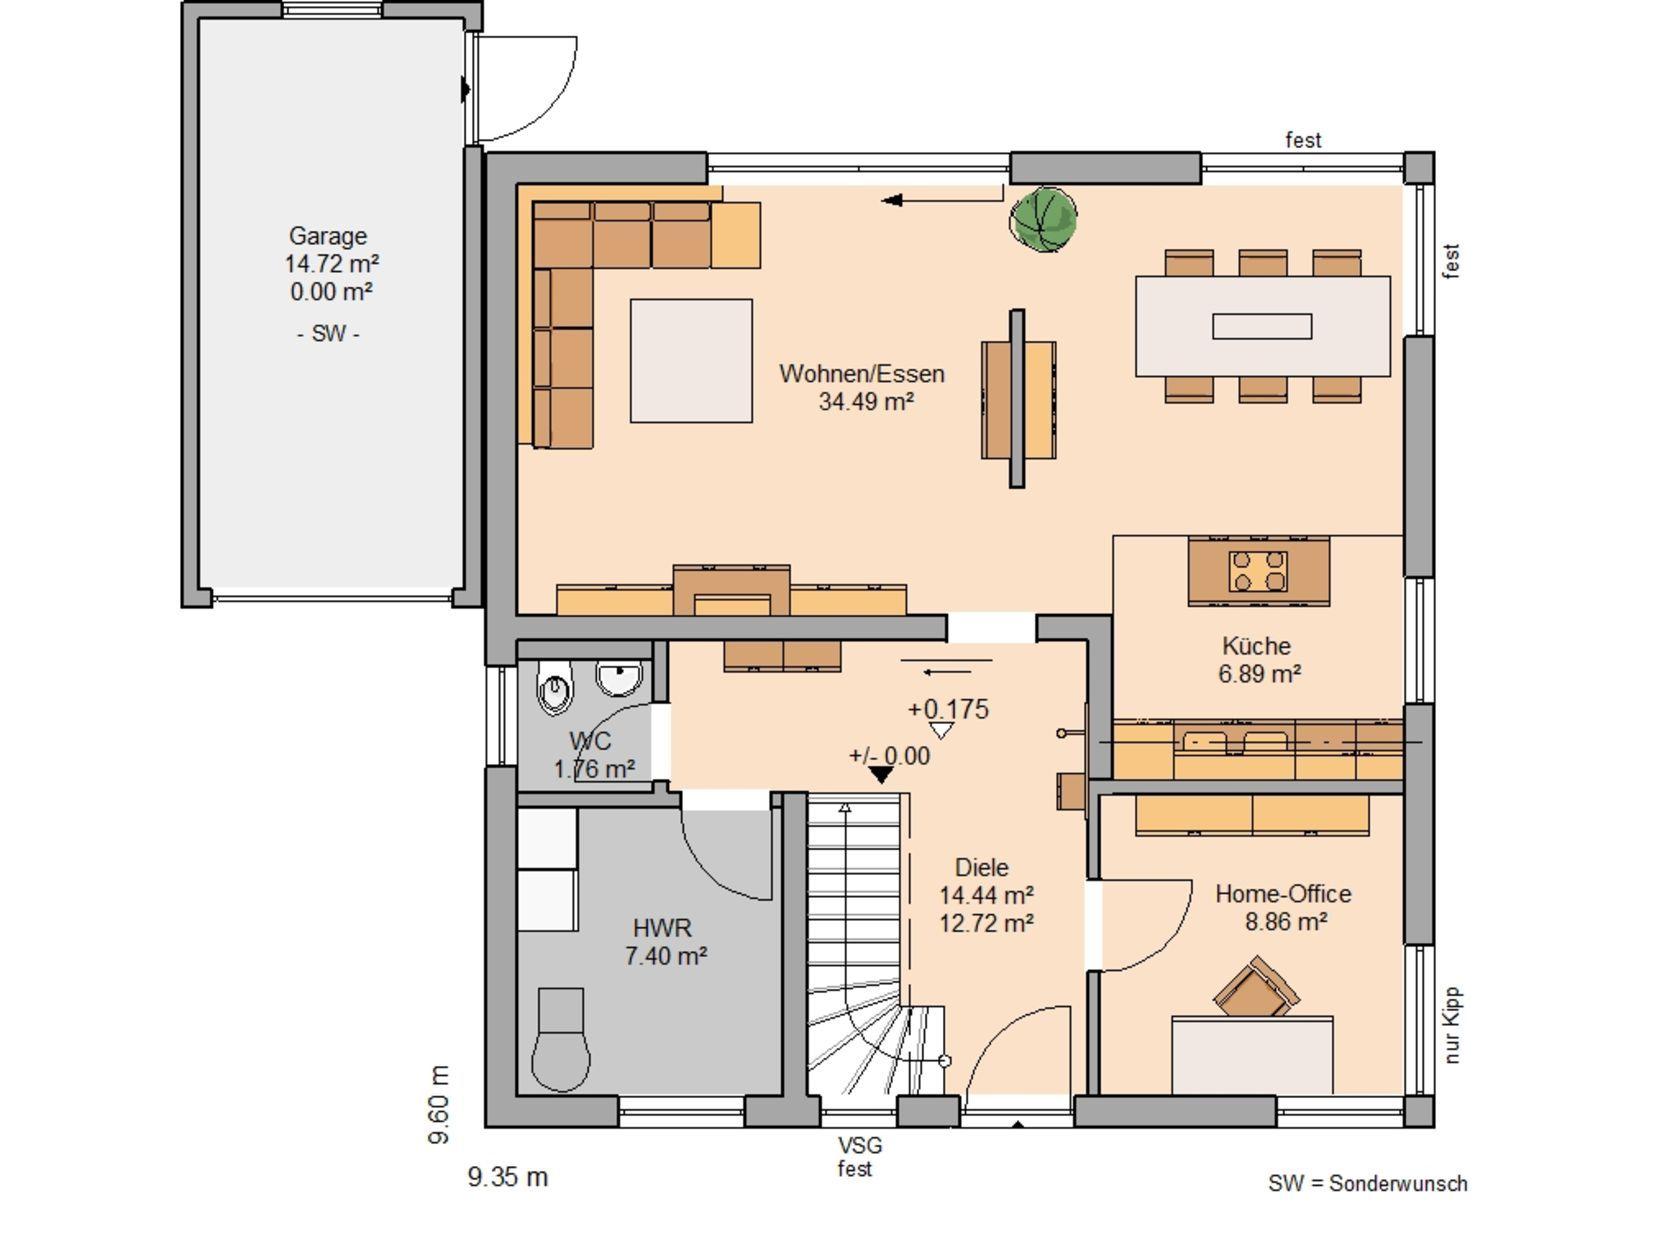 Grundriss einfamilienhaus erdgeschoss  Kern-Haus Familienhaus Luna Plus Grundriss Erdgeschoss ...